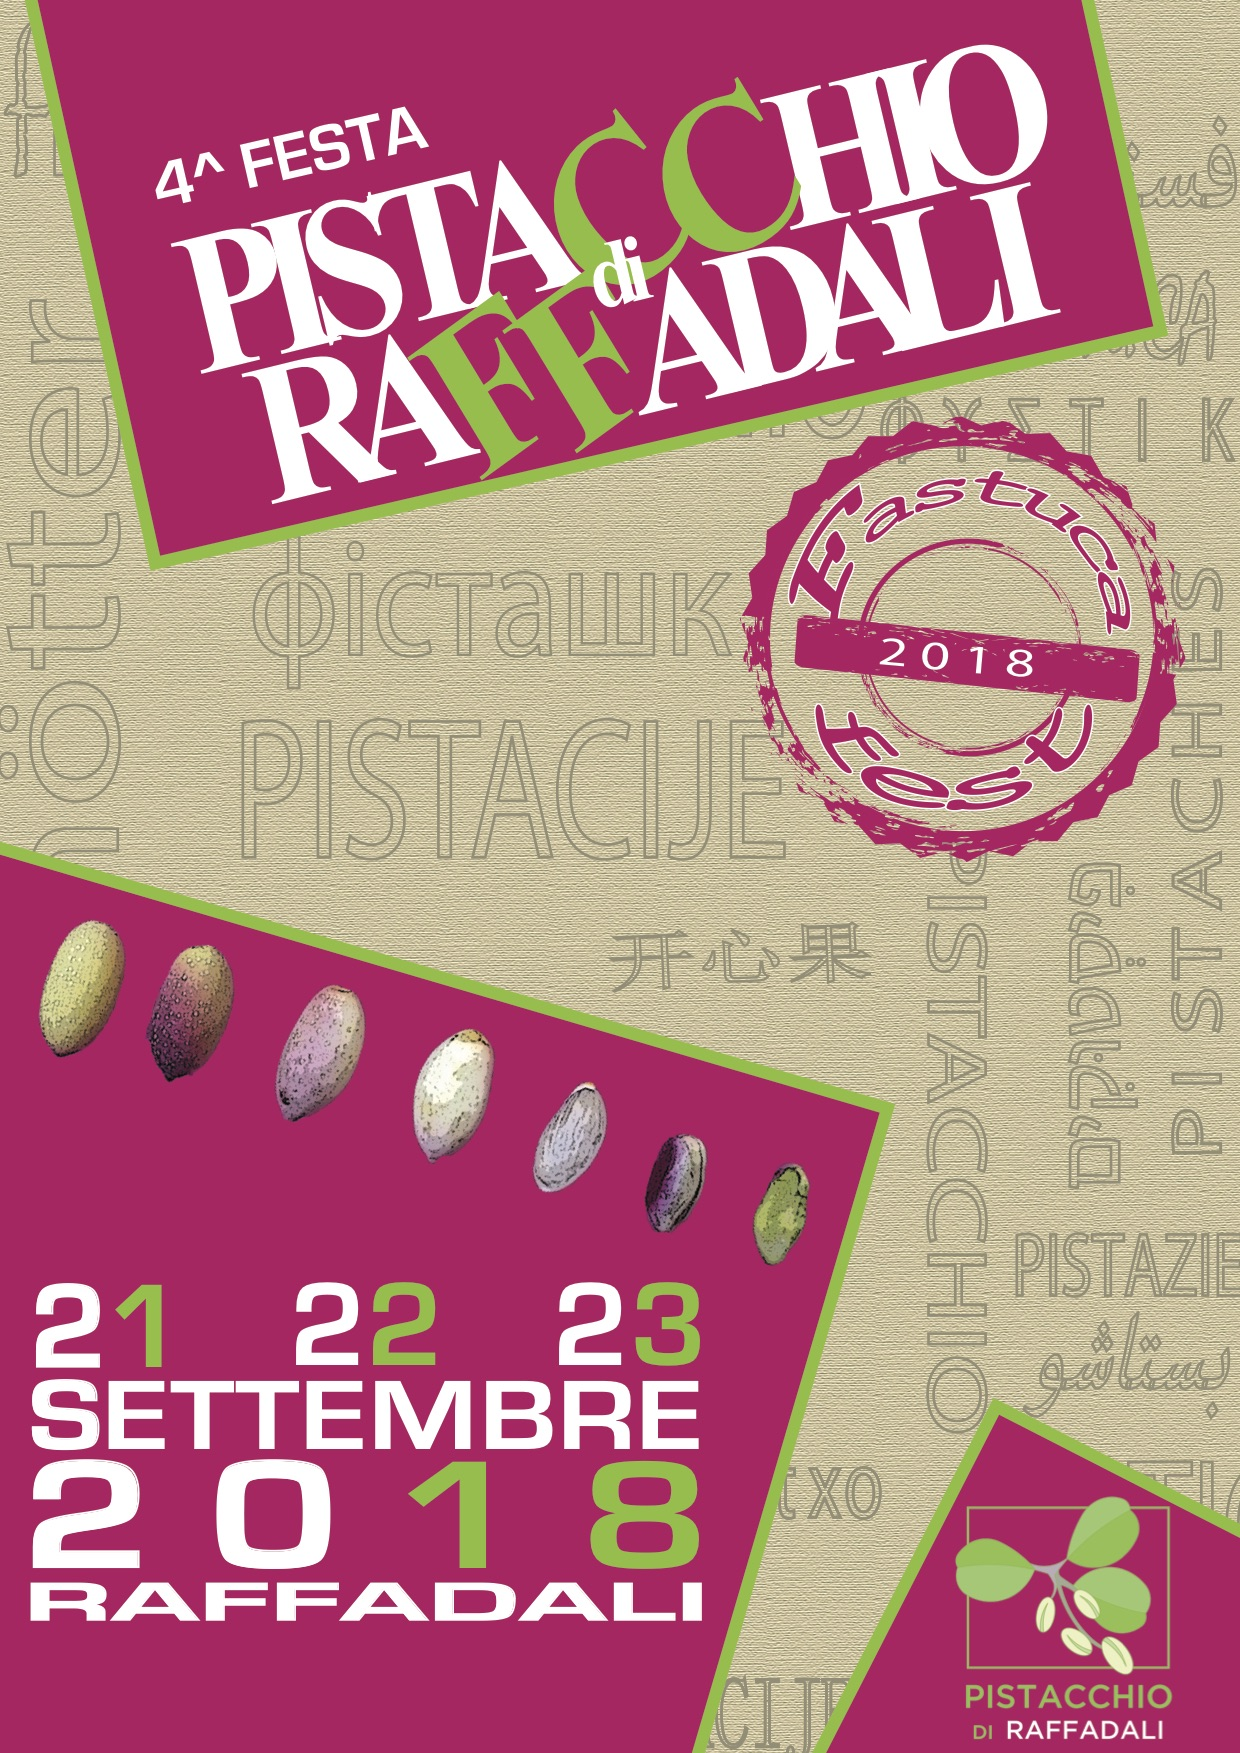 festa-del-pistacchio-sagra-2018-settembre-sicilia-raffadali-festival